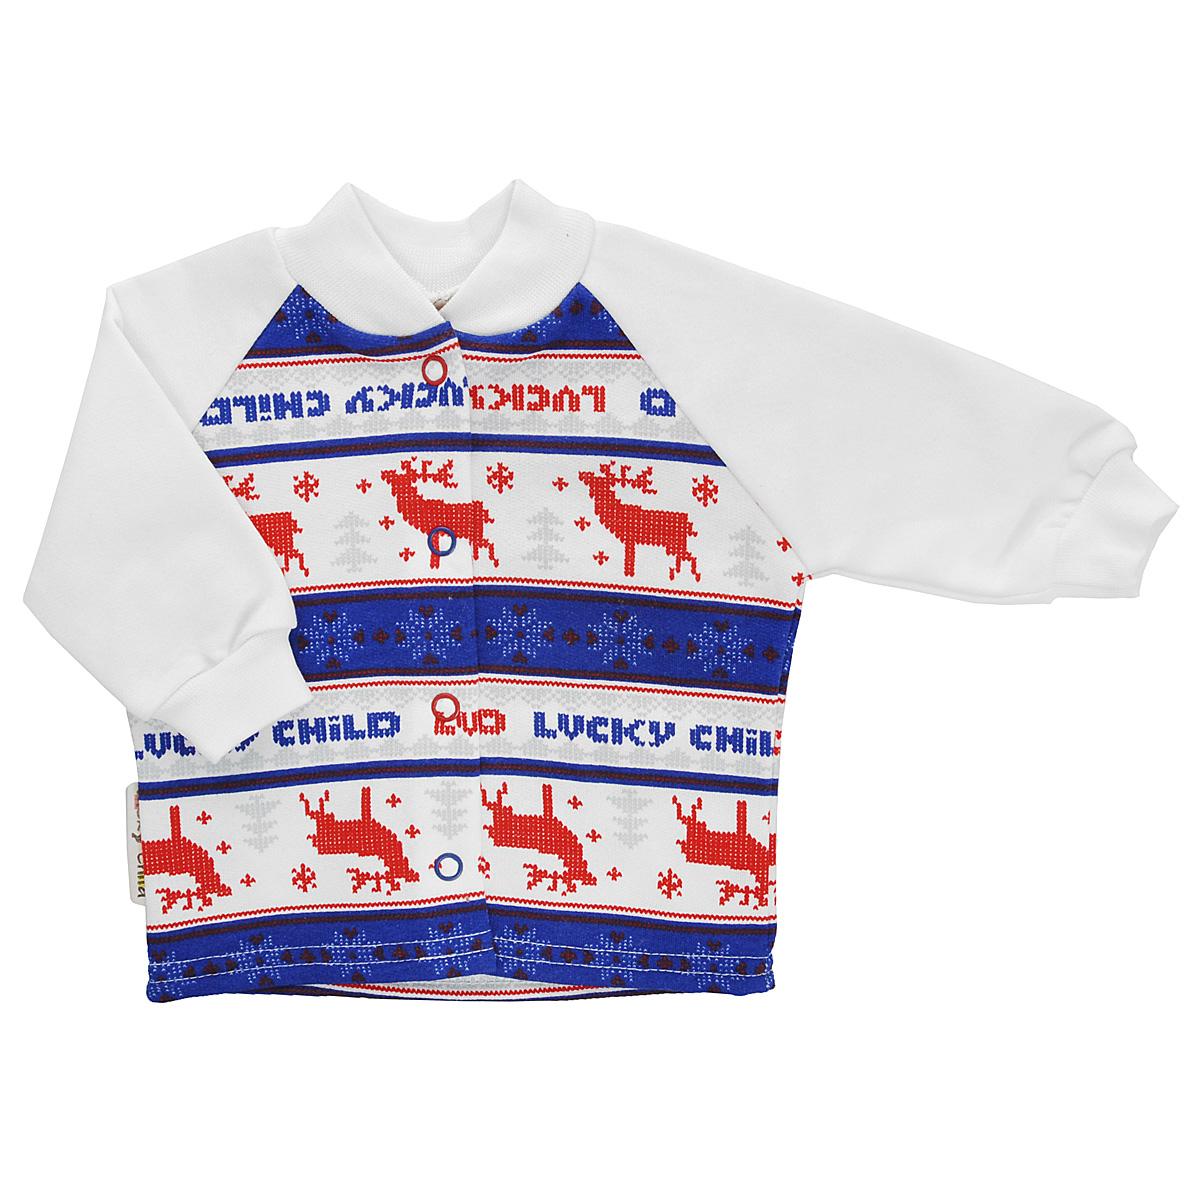 Кофточка детская Lucky Child, цвет: молочный, синий, красный. 10-12_легкая. Размер 86/9210-12_легкаяКофточка для новорожденного Lucky Child с длинными рукавами-реглан послужит идеальным дополнением к гардеробу вашего малыша, обеспечивая ему наибольший комфорт. Изготовленная из натурального хлопка, она необычайно мягкая и легкая, не раздражает нежную кожу ребенка и хорошо вентилируется, а эластичные швы приятны телу малыша и не препятствуют его движениям. Удобные застежки-кнопки по всей длине помогают легко переодеть младенца. Рукава понизу дополнены широкими трикотажными манжетами, не стягивающими запястья. Оформлена модель модным скандинавским принтом. Кофточка полностью соответствует особенностям жизни ребенка в ранний период, не стесняя и не ограничивая его в движениях. В ней ваш младенец всегда будет в центре внимания.